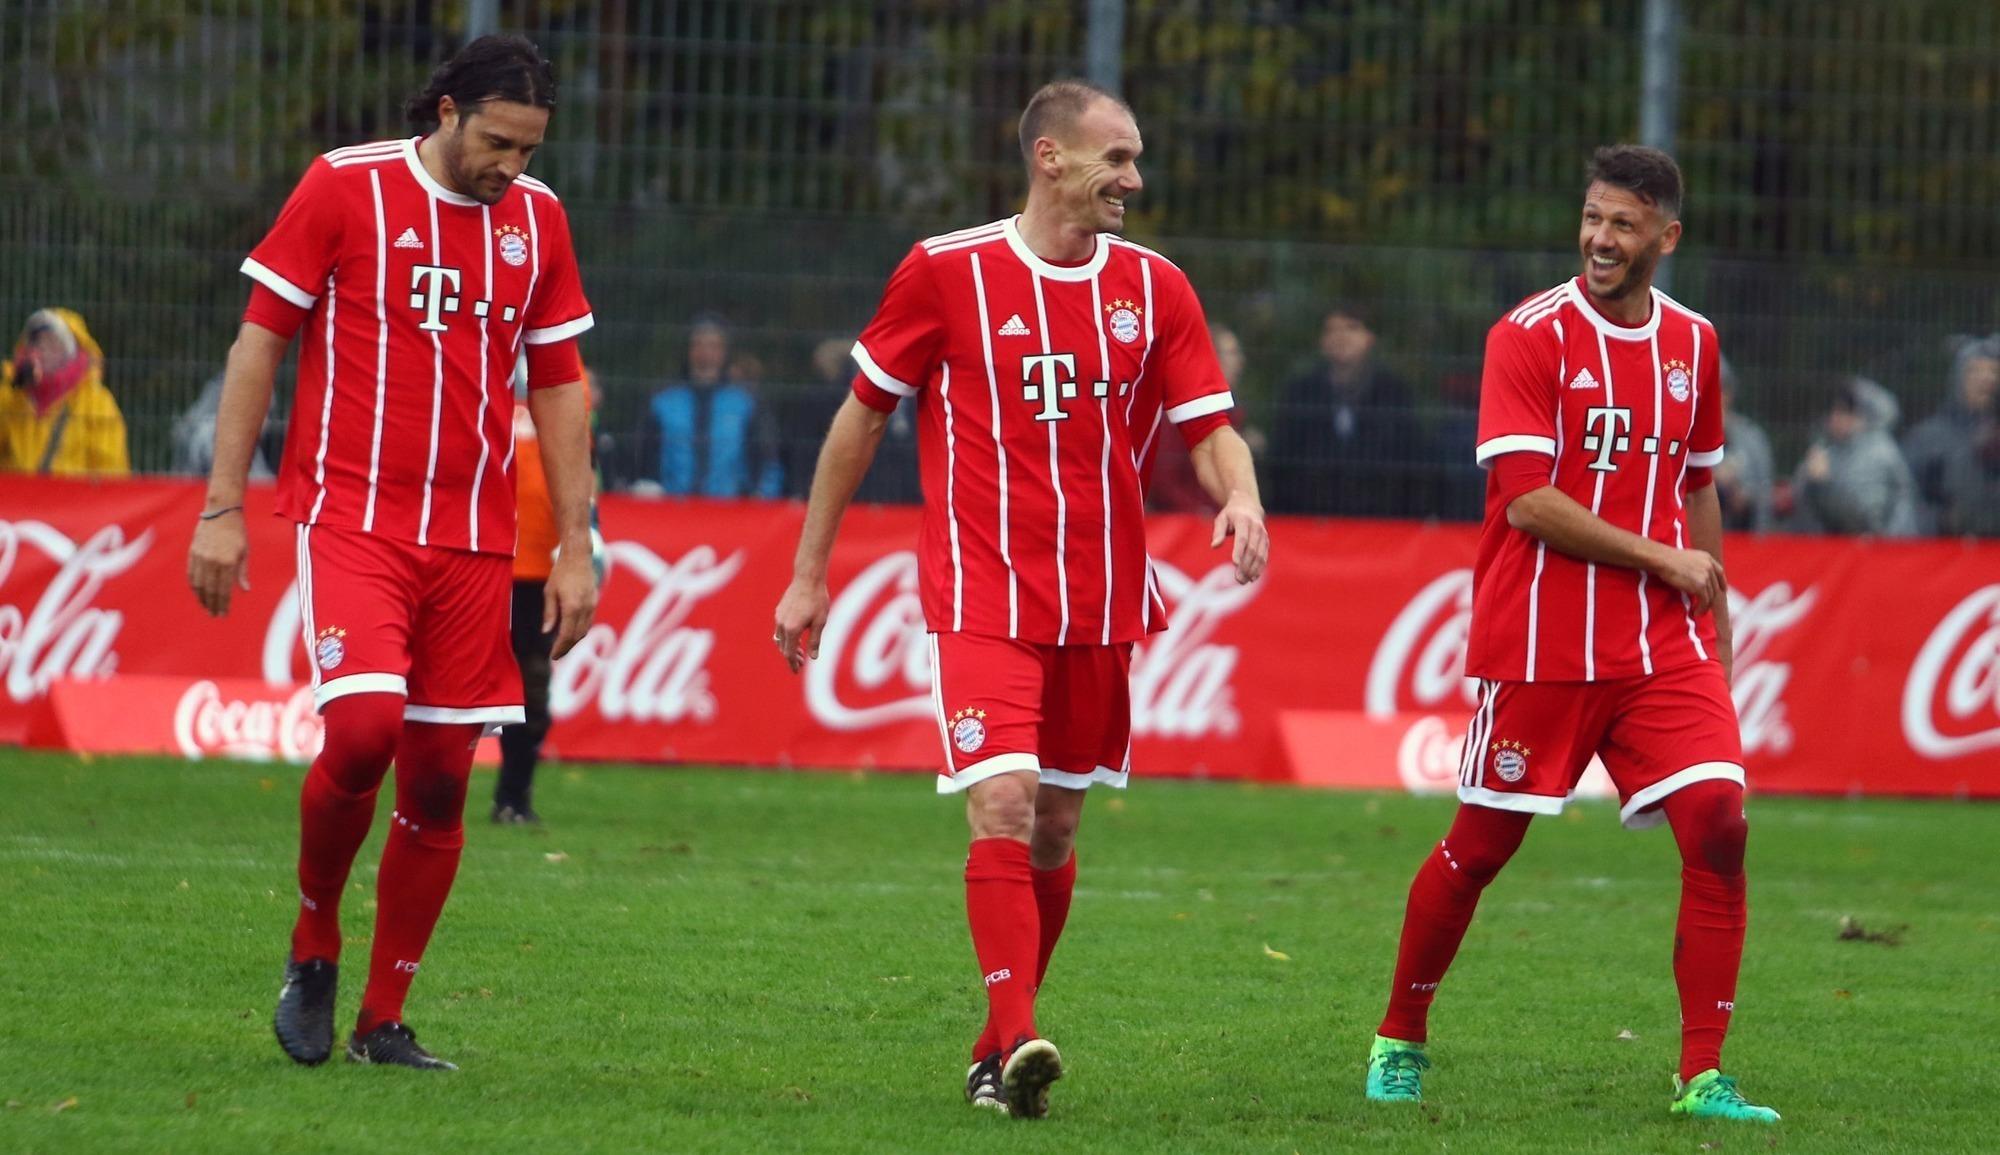 Benefizspiel Am Vatertag In Mudau Bayern Legenden Kommen In